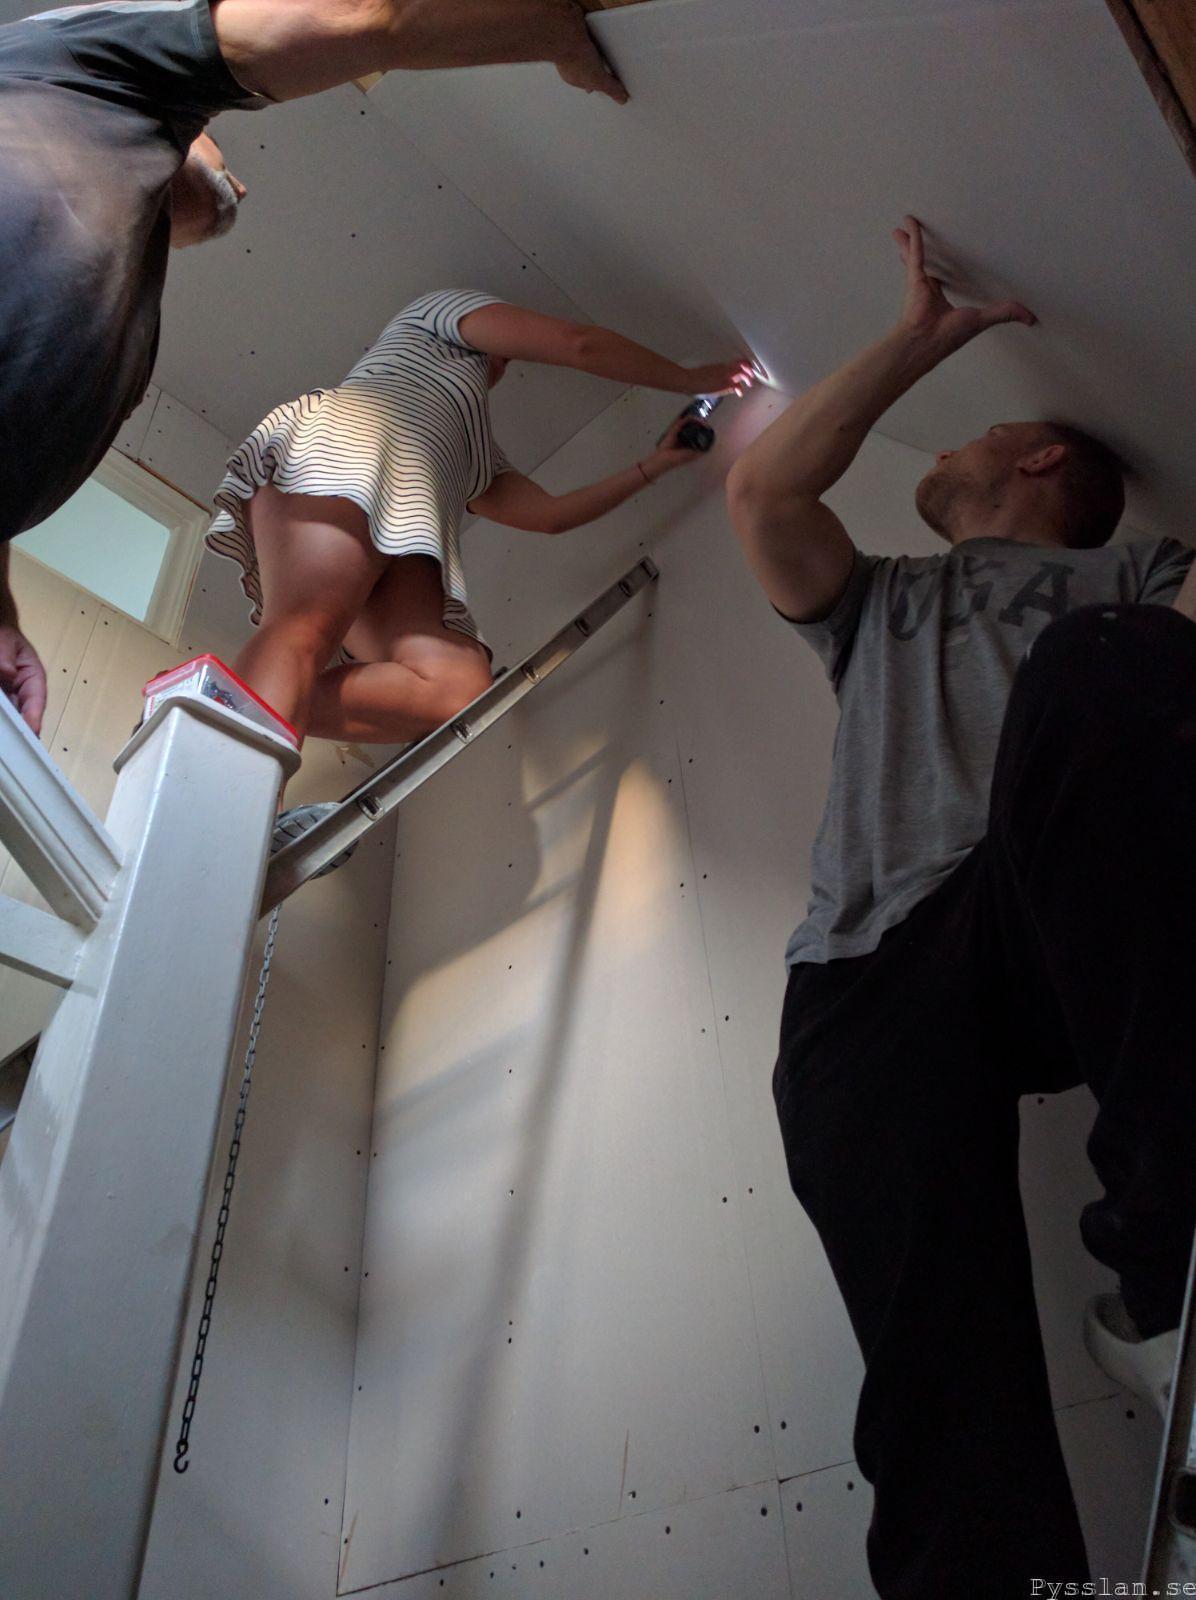 sätta gips 20tals dröm hus gips i trapp pysslan blogg